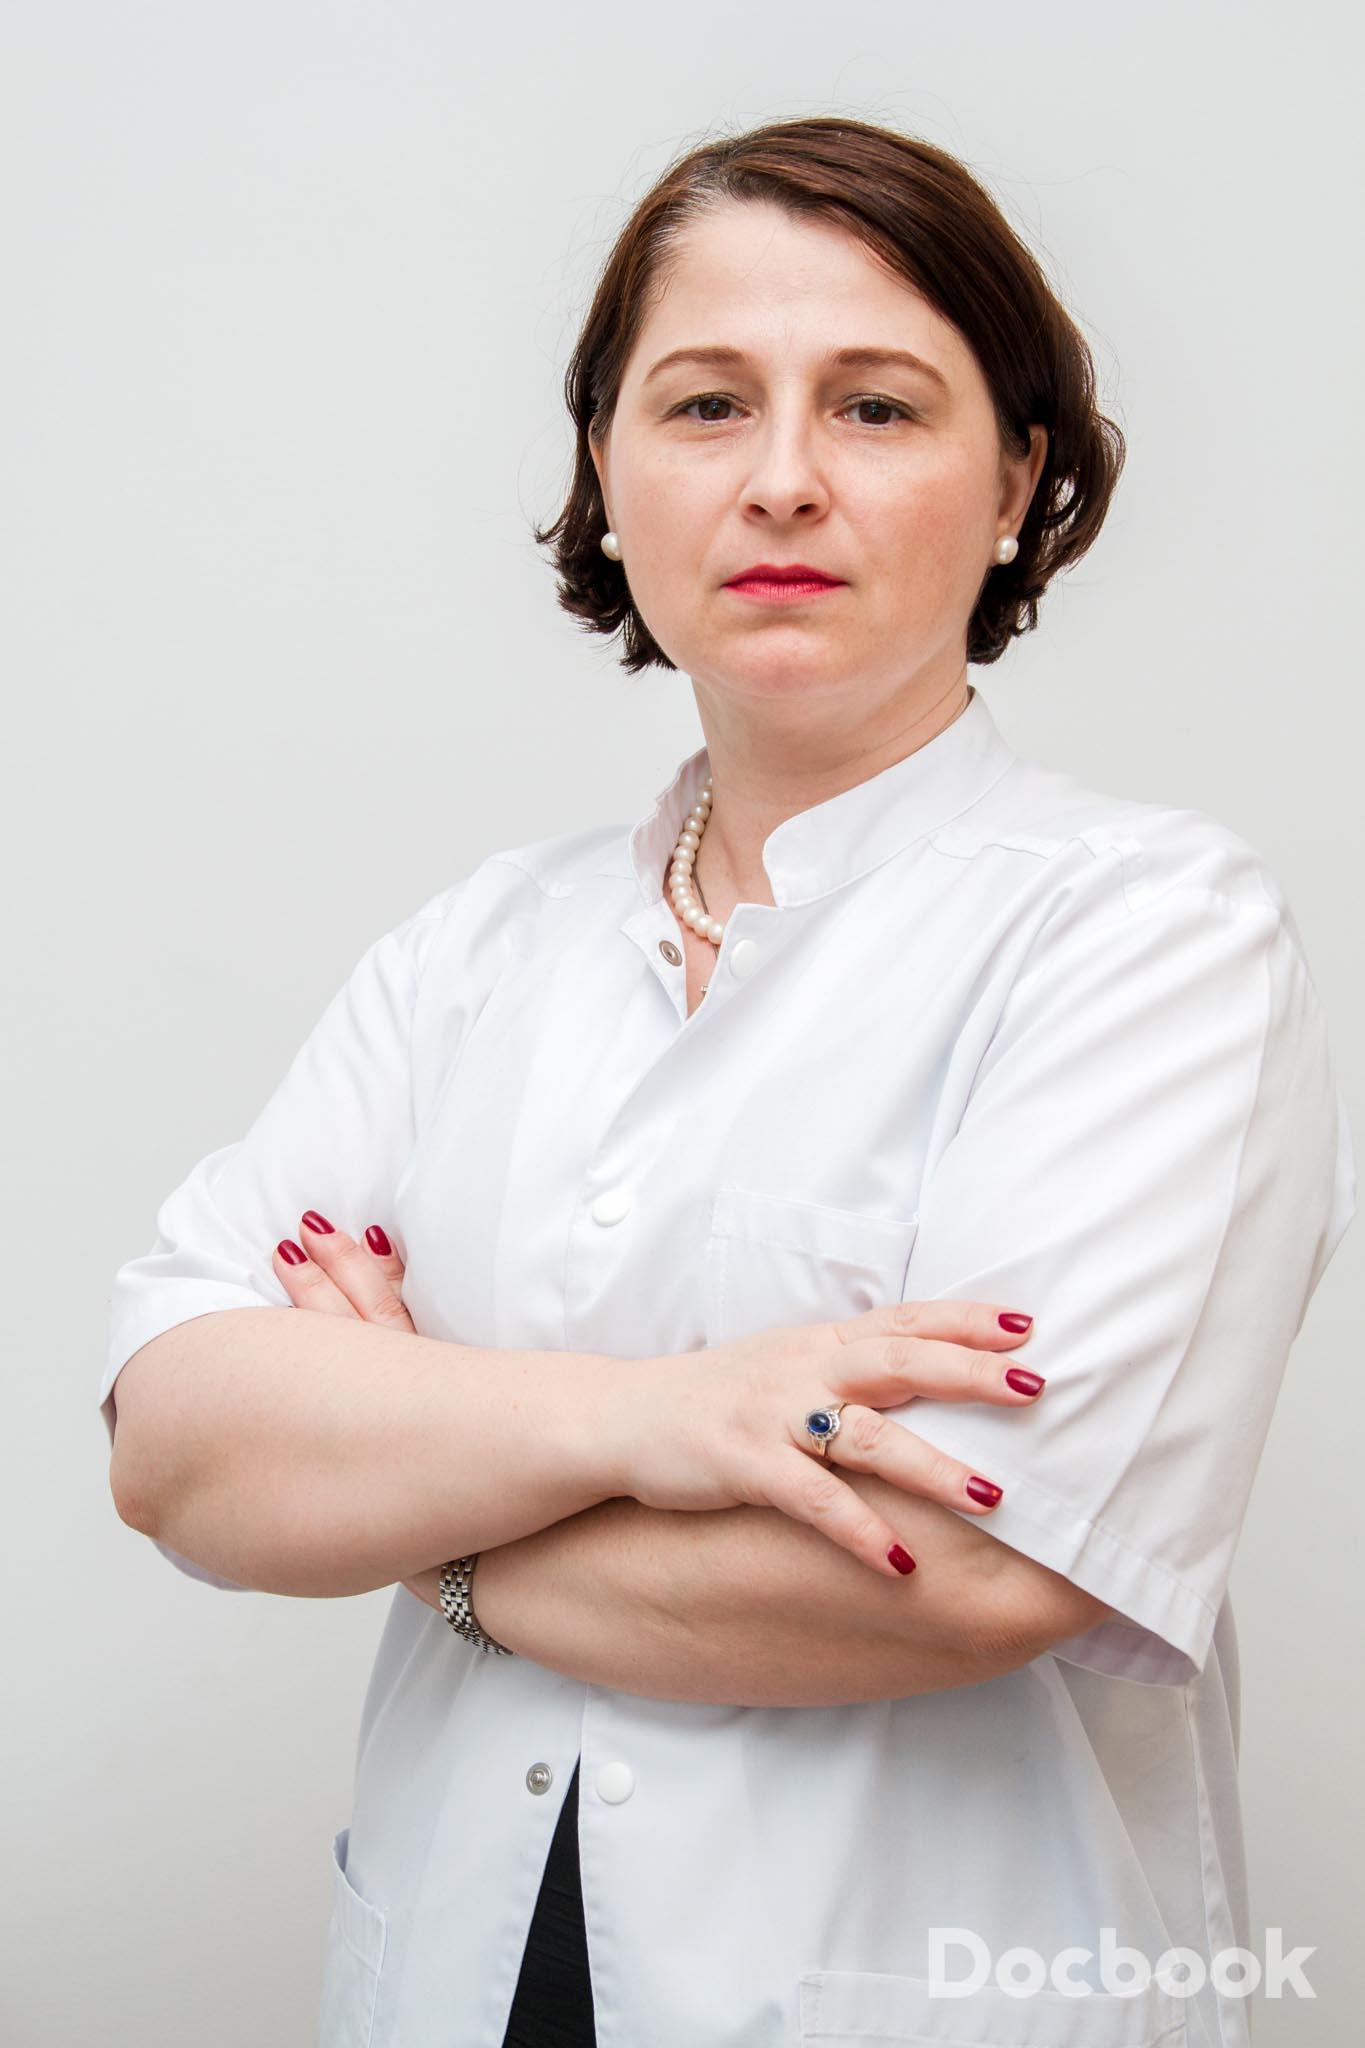 Dr. Camelia Diaconu